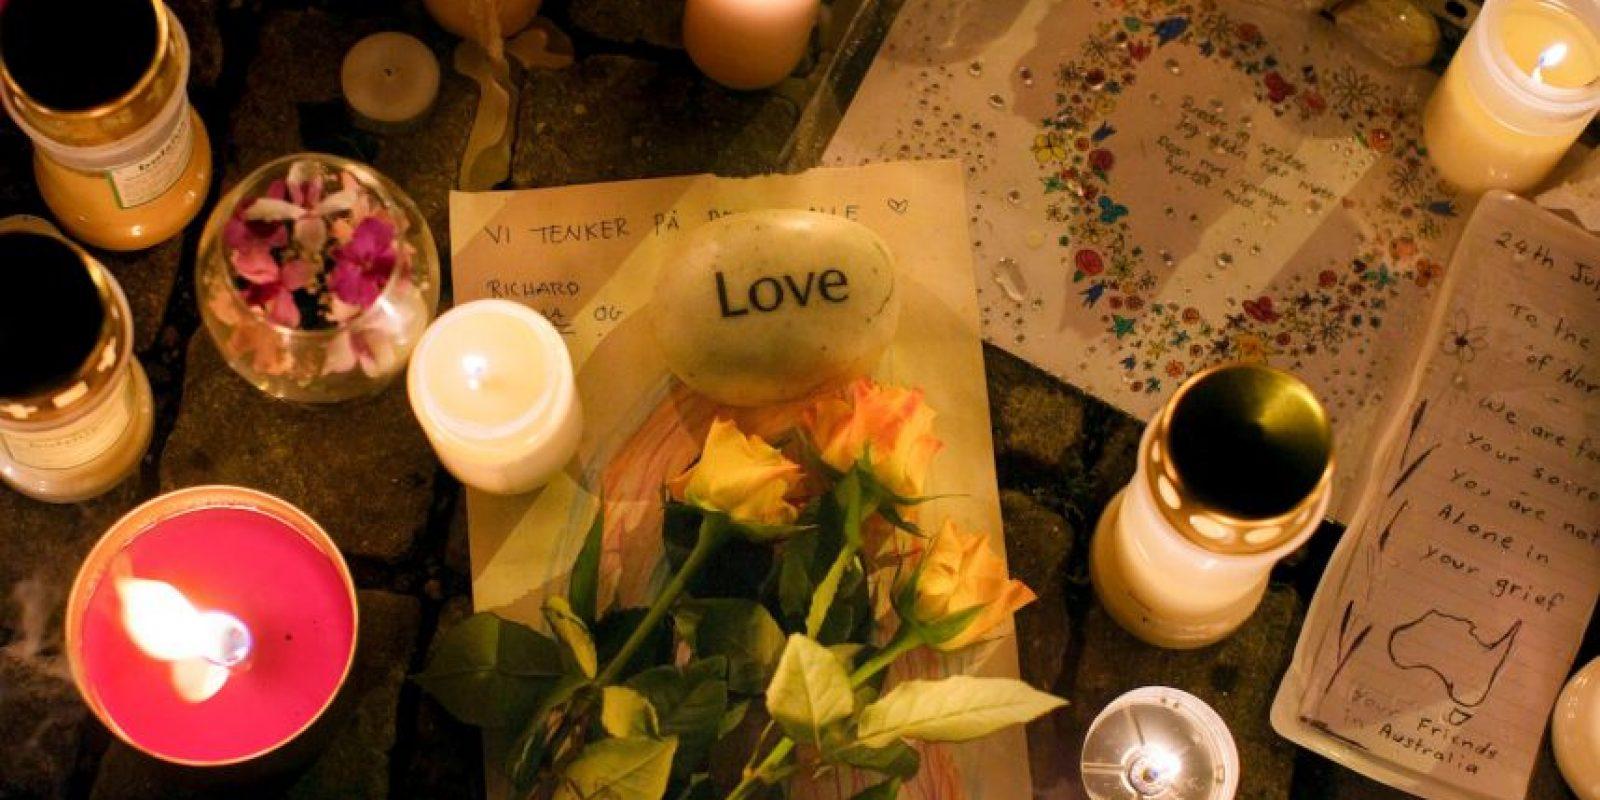 La explosión ocurrió cerca de la oficina de Jens Stoltenberg, entonces primer ministro del país. Foto:Getty Images